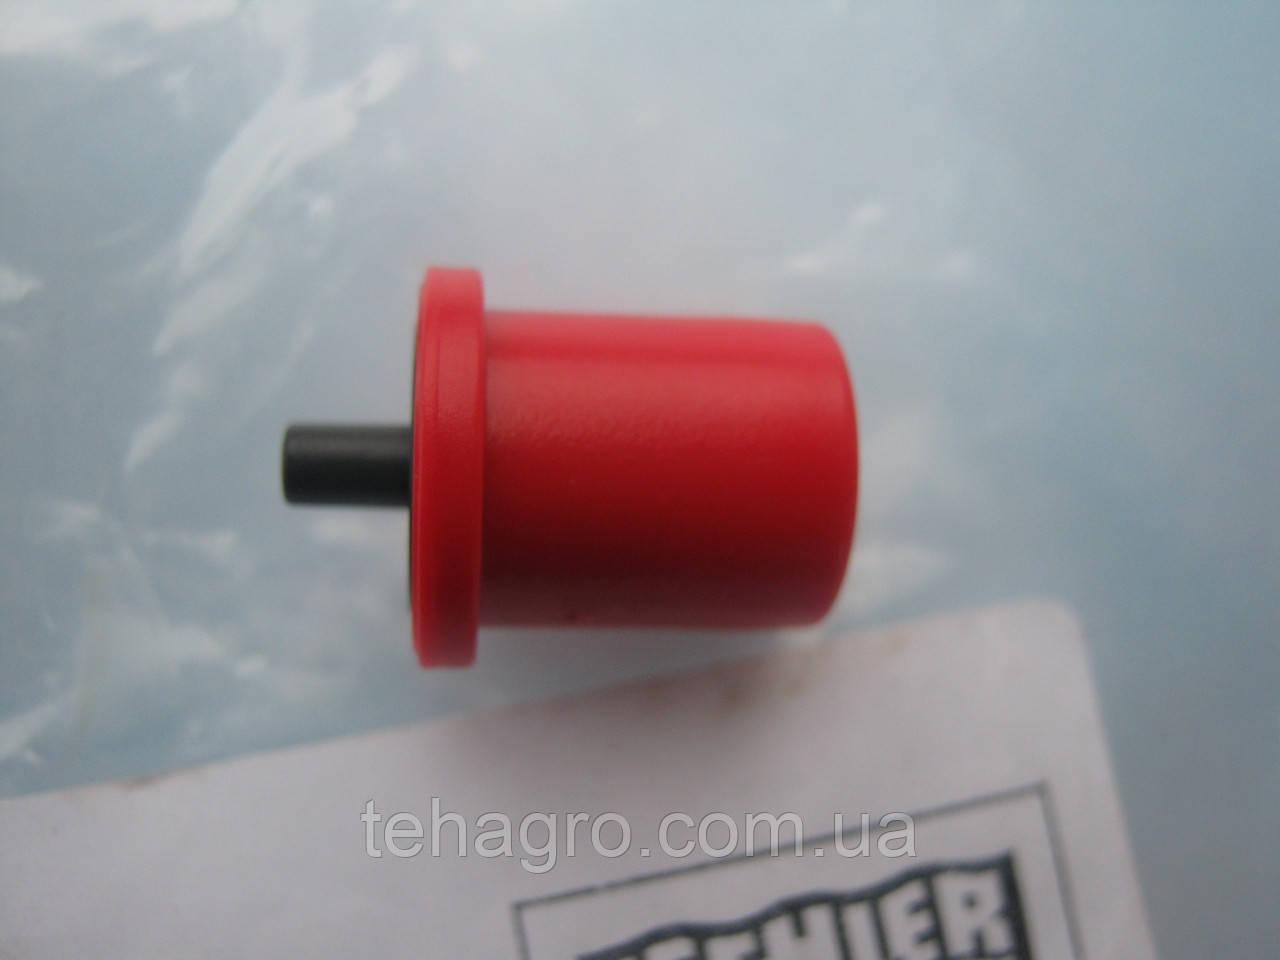 Распылитель (инжектор) к садовой форсунке Lechler TR 80-04 C